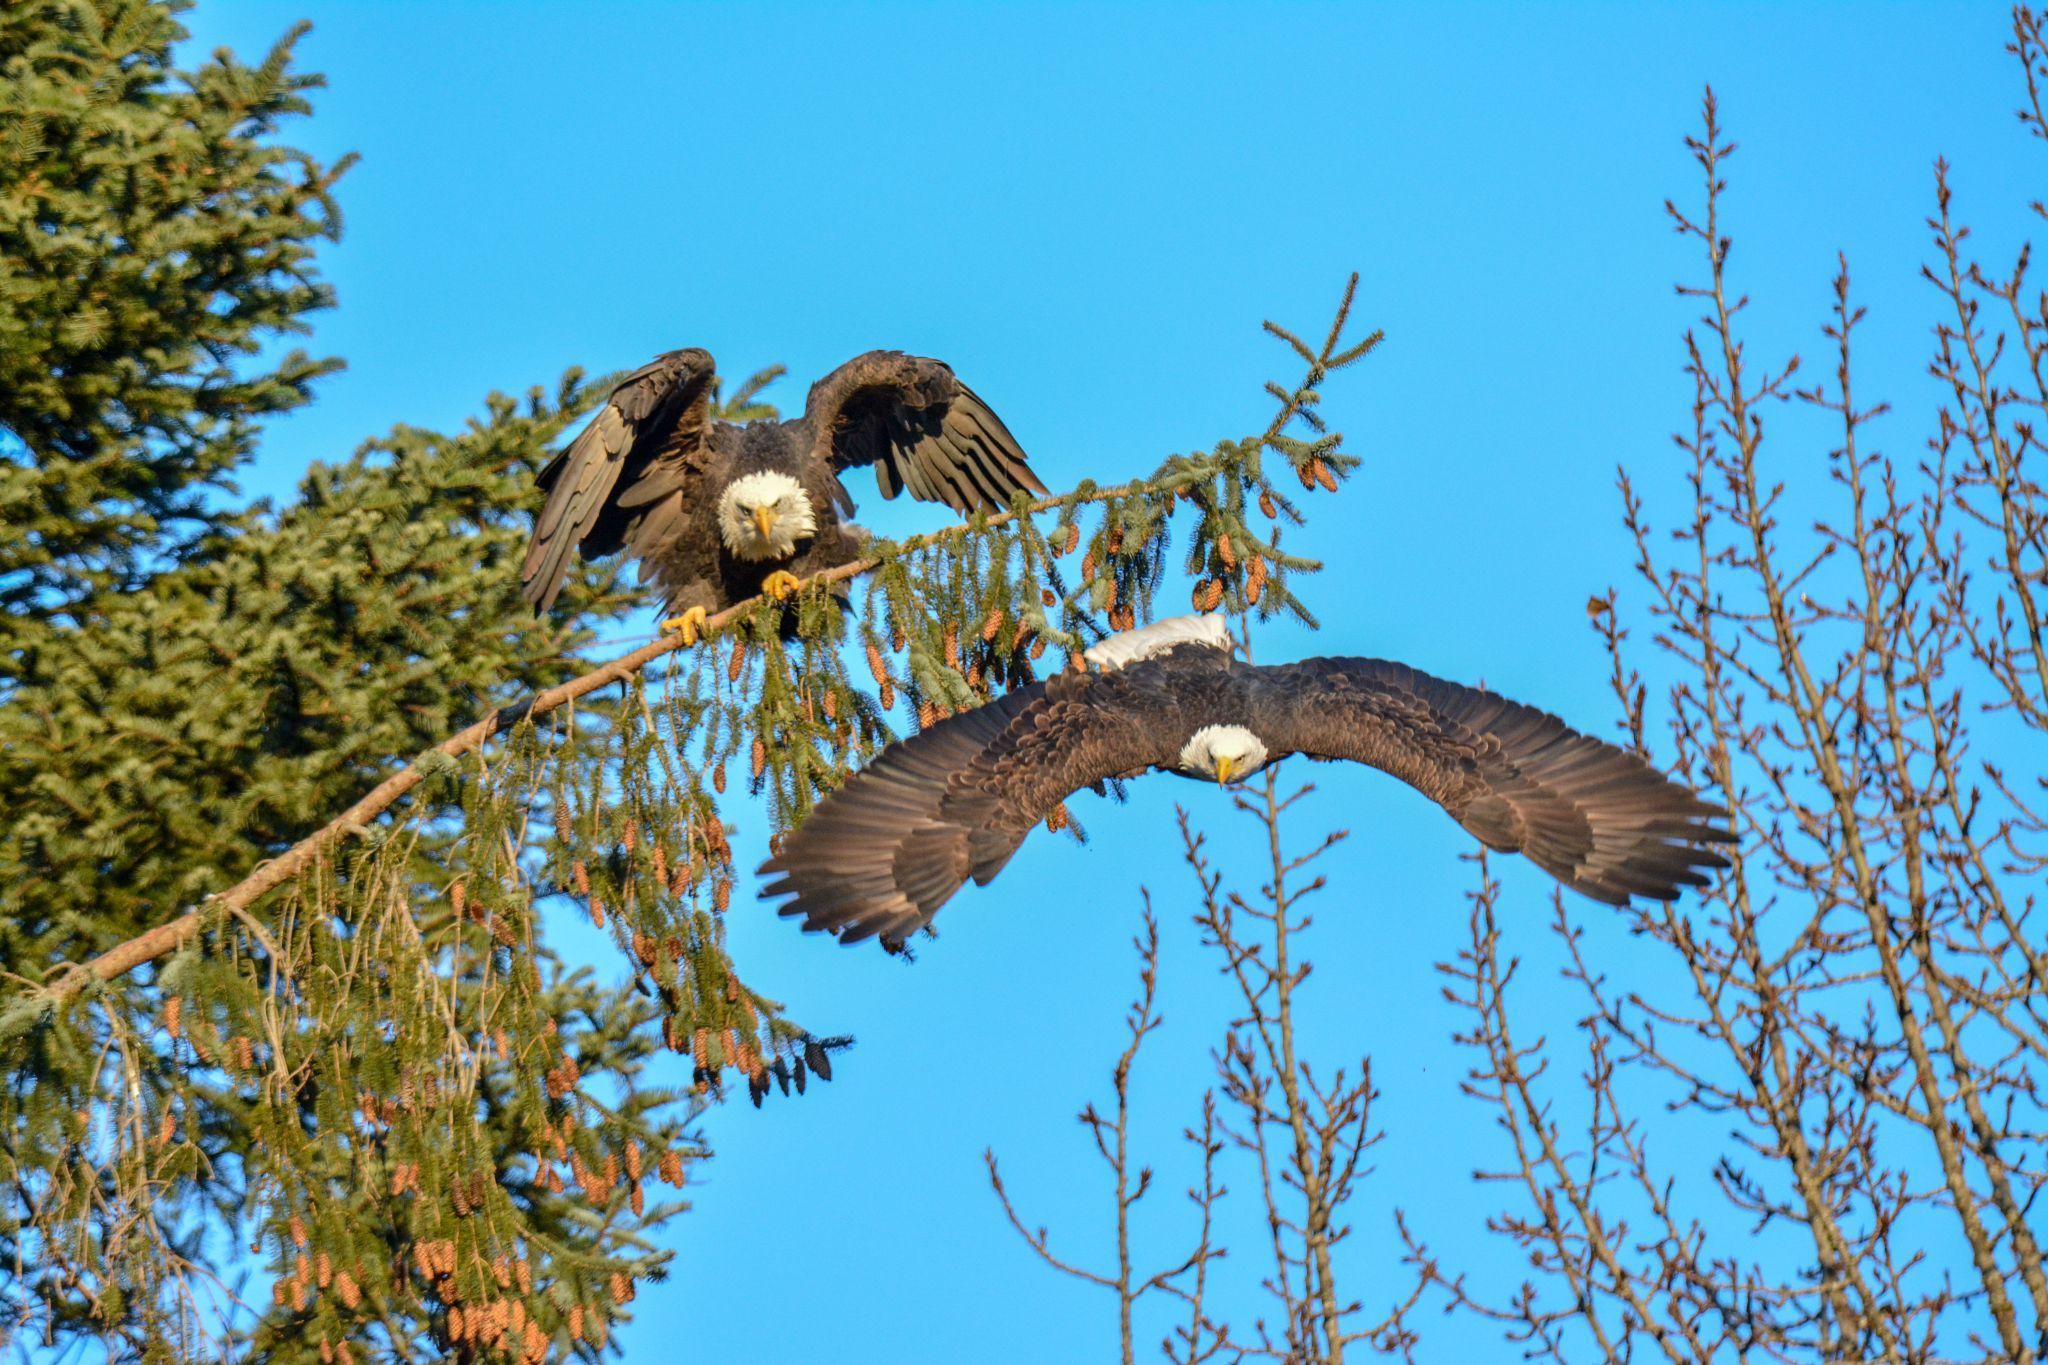 Squamish Eagles, Canada